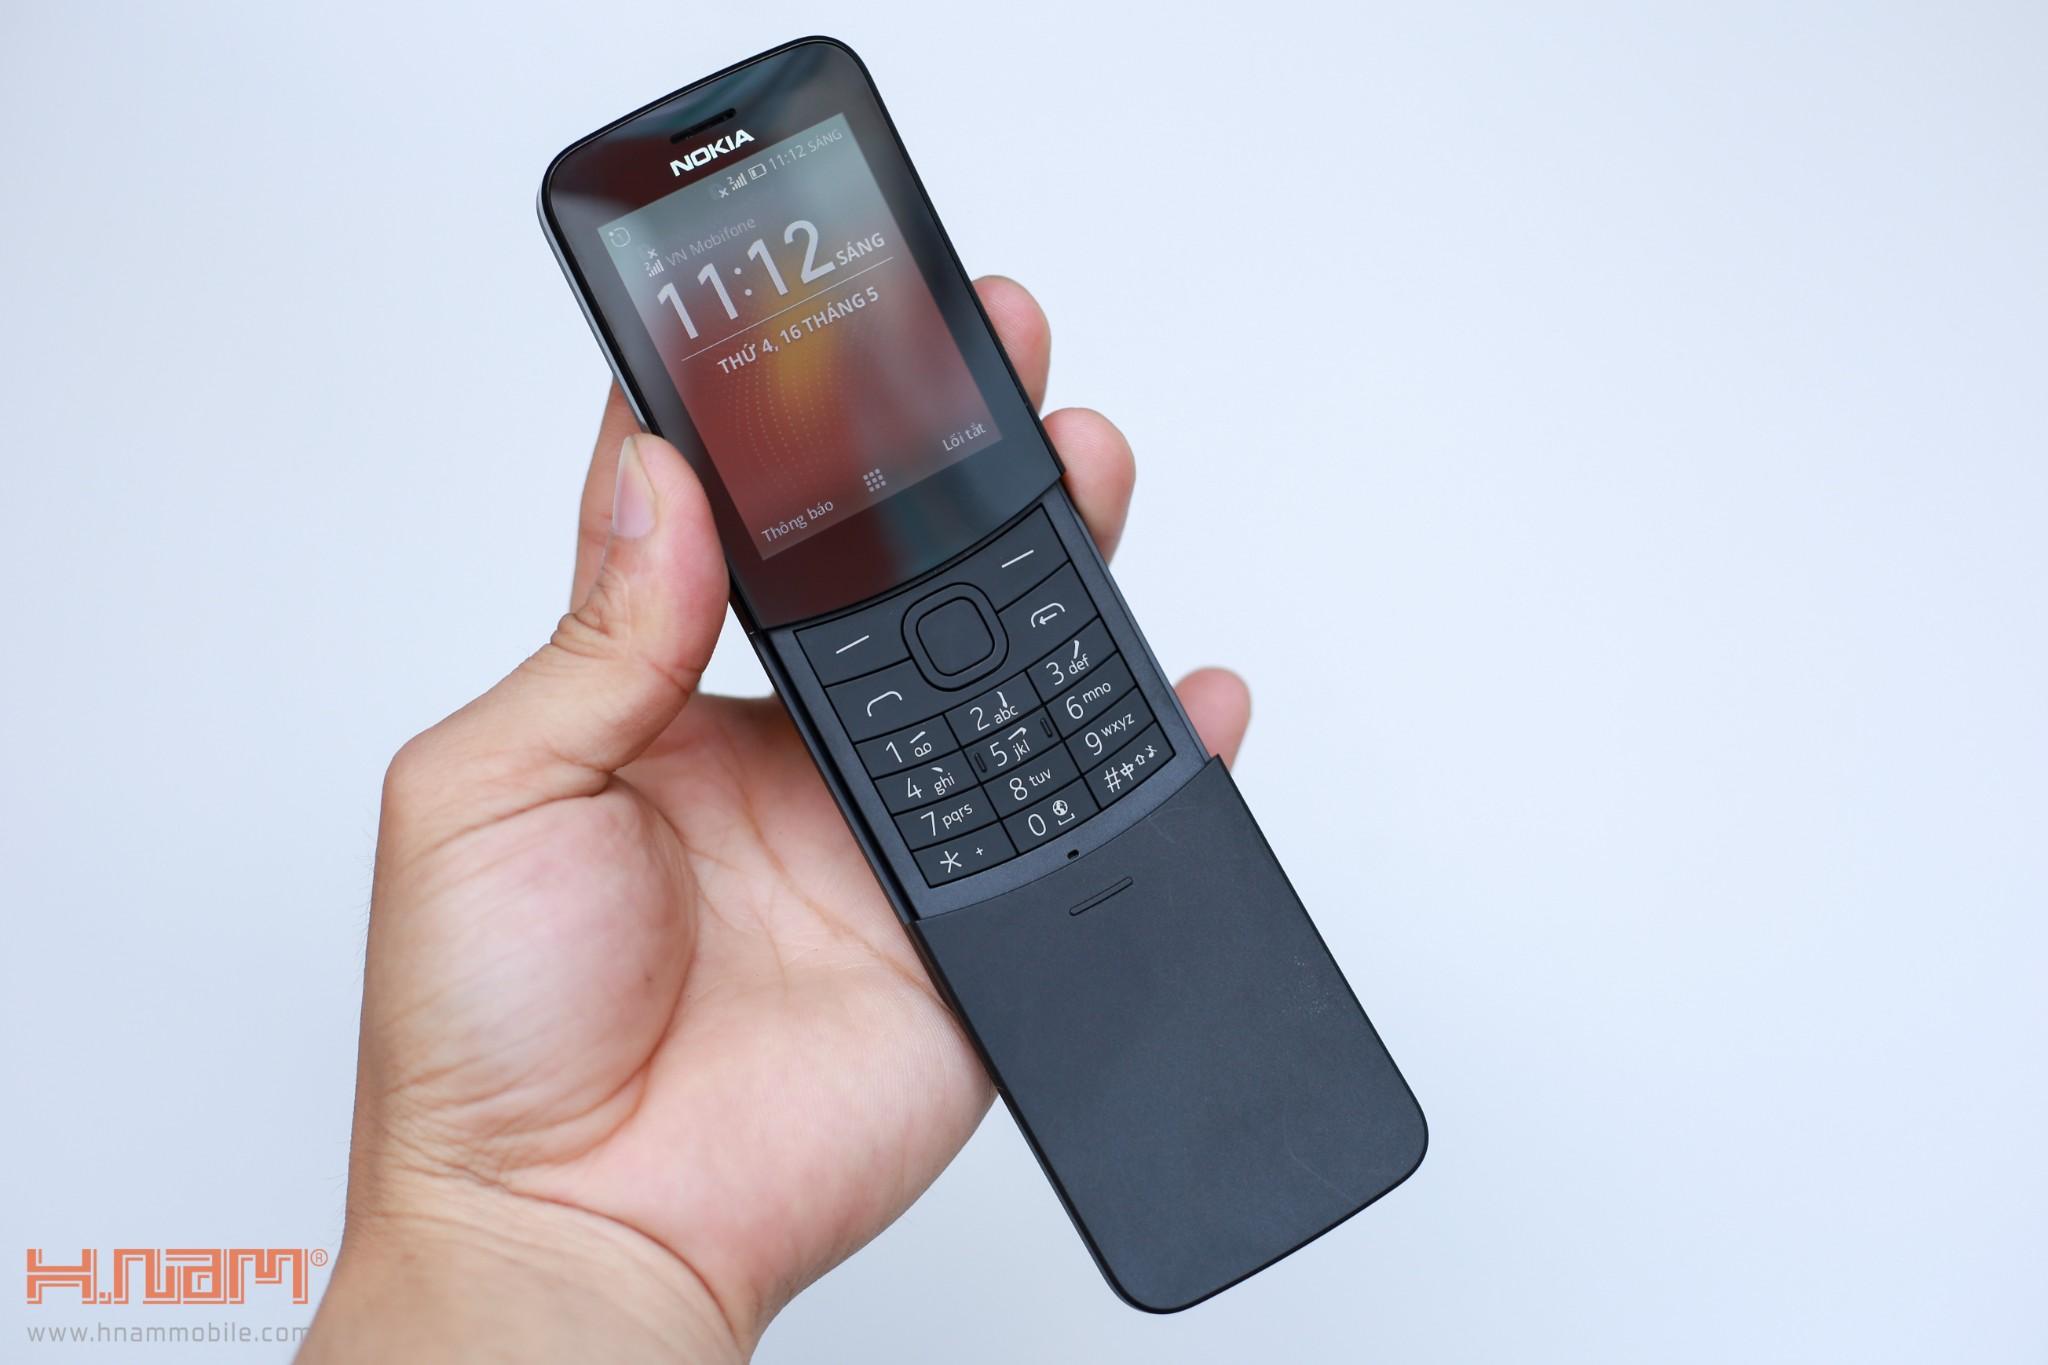 Trên tay Nokia 8110 chuối: Thiết kế siêu cute, phát 4G, giá 1.7 triệu đồng hình 1